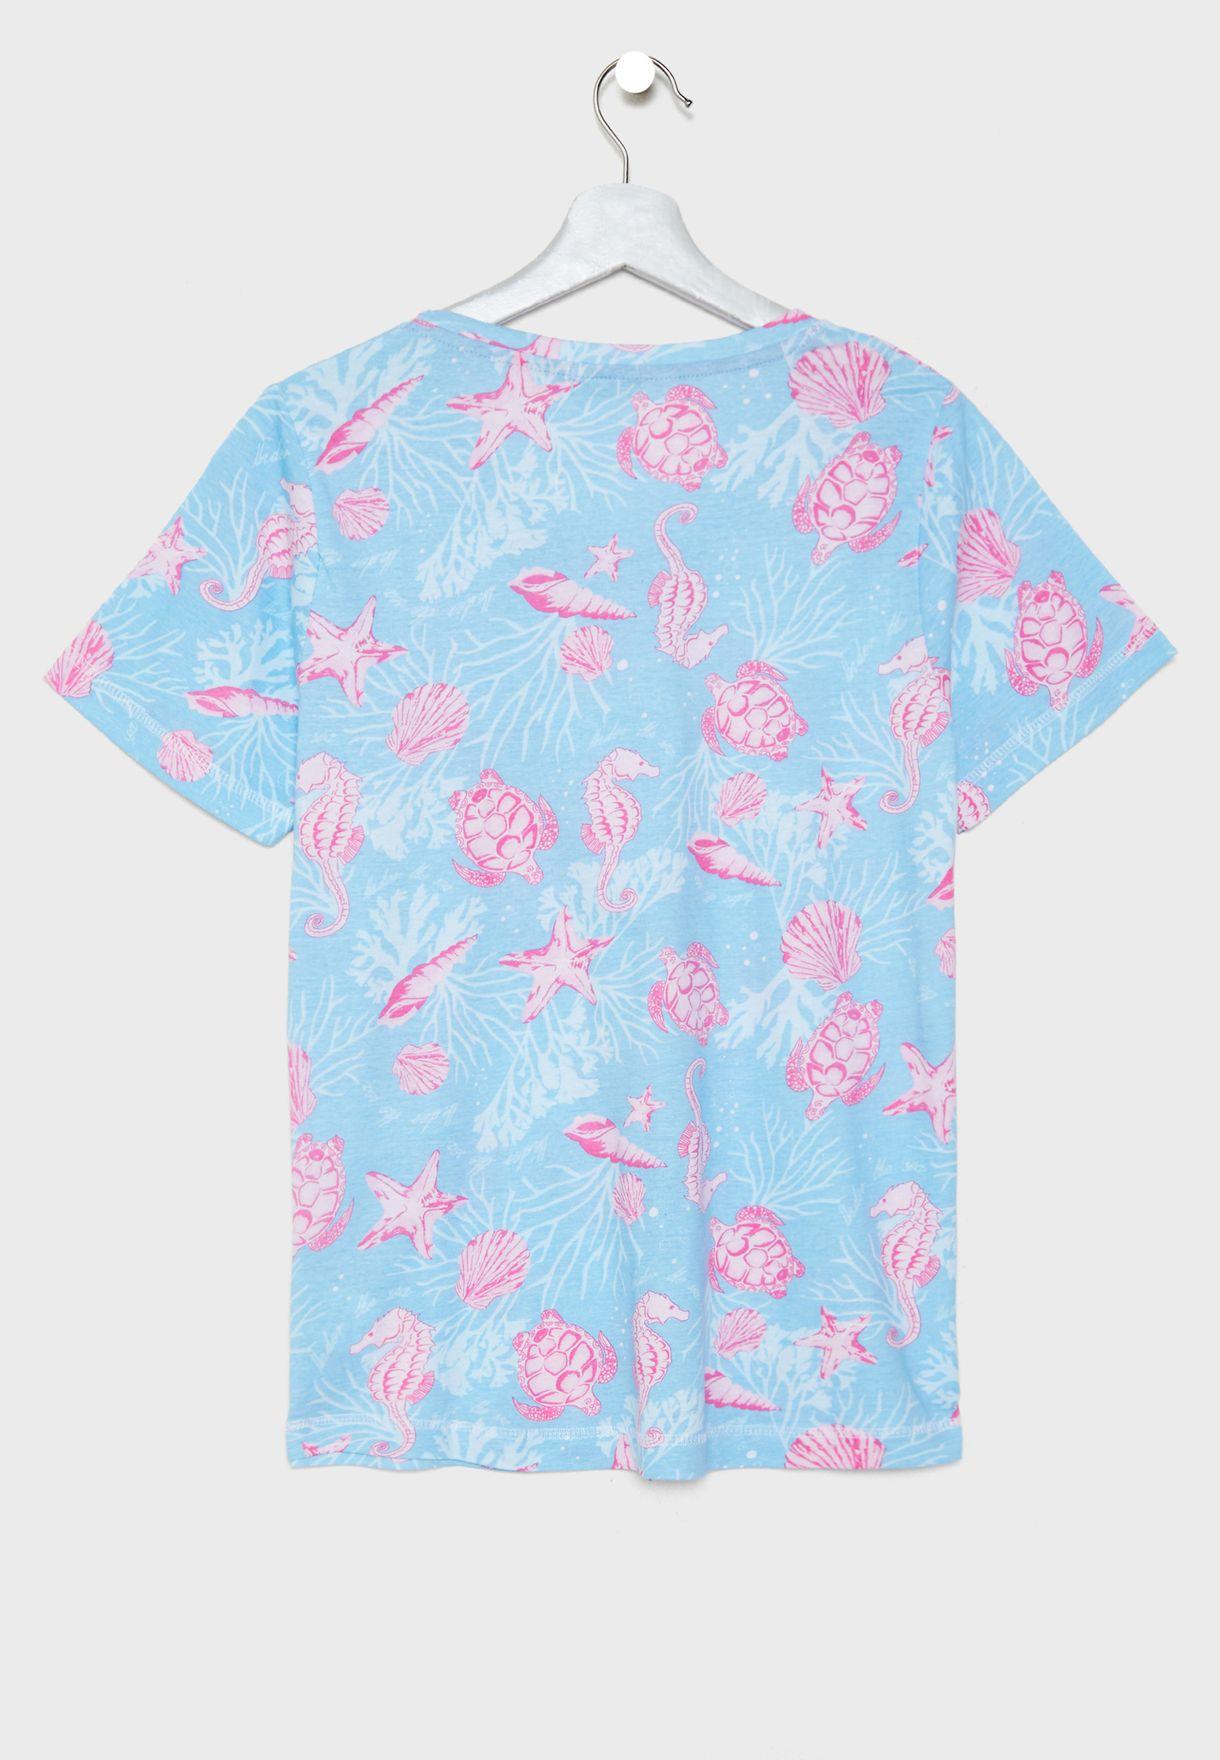 Floral Printed Set